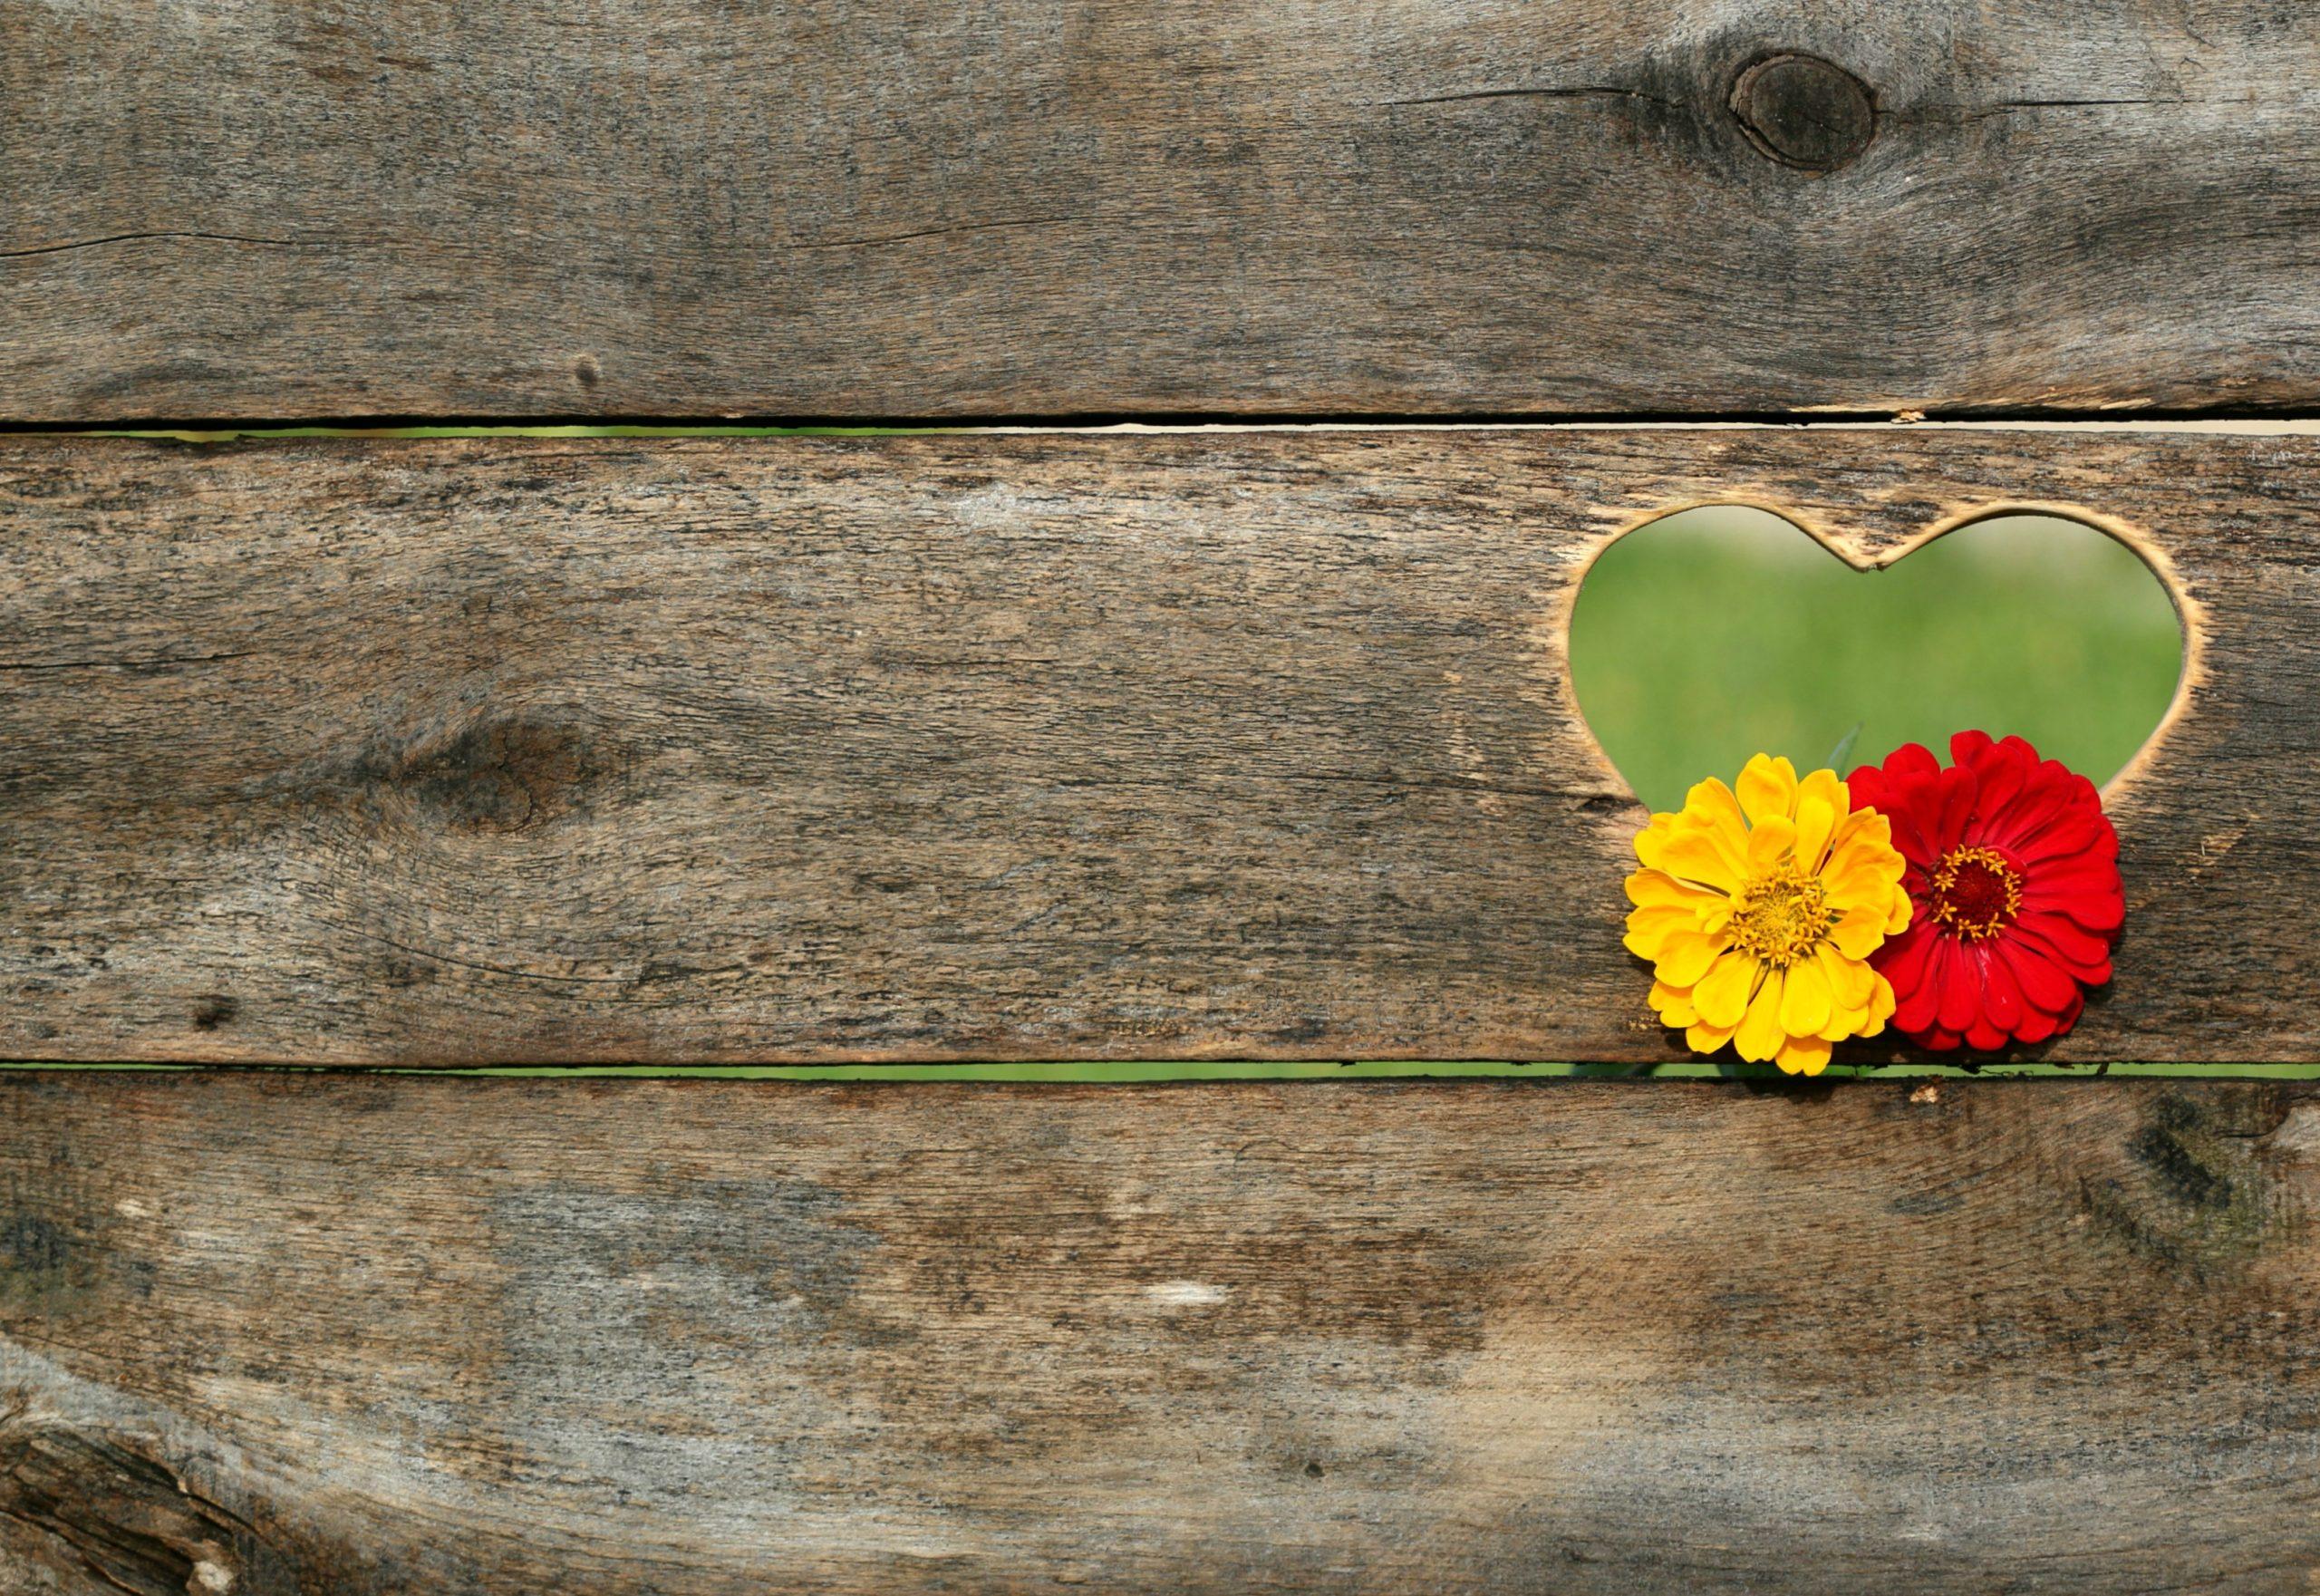 blomster-hjerte-roed-gul-trae-planker